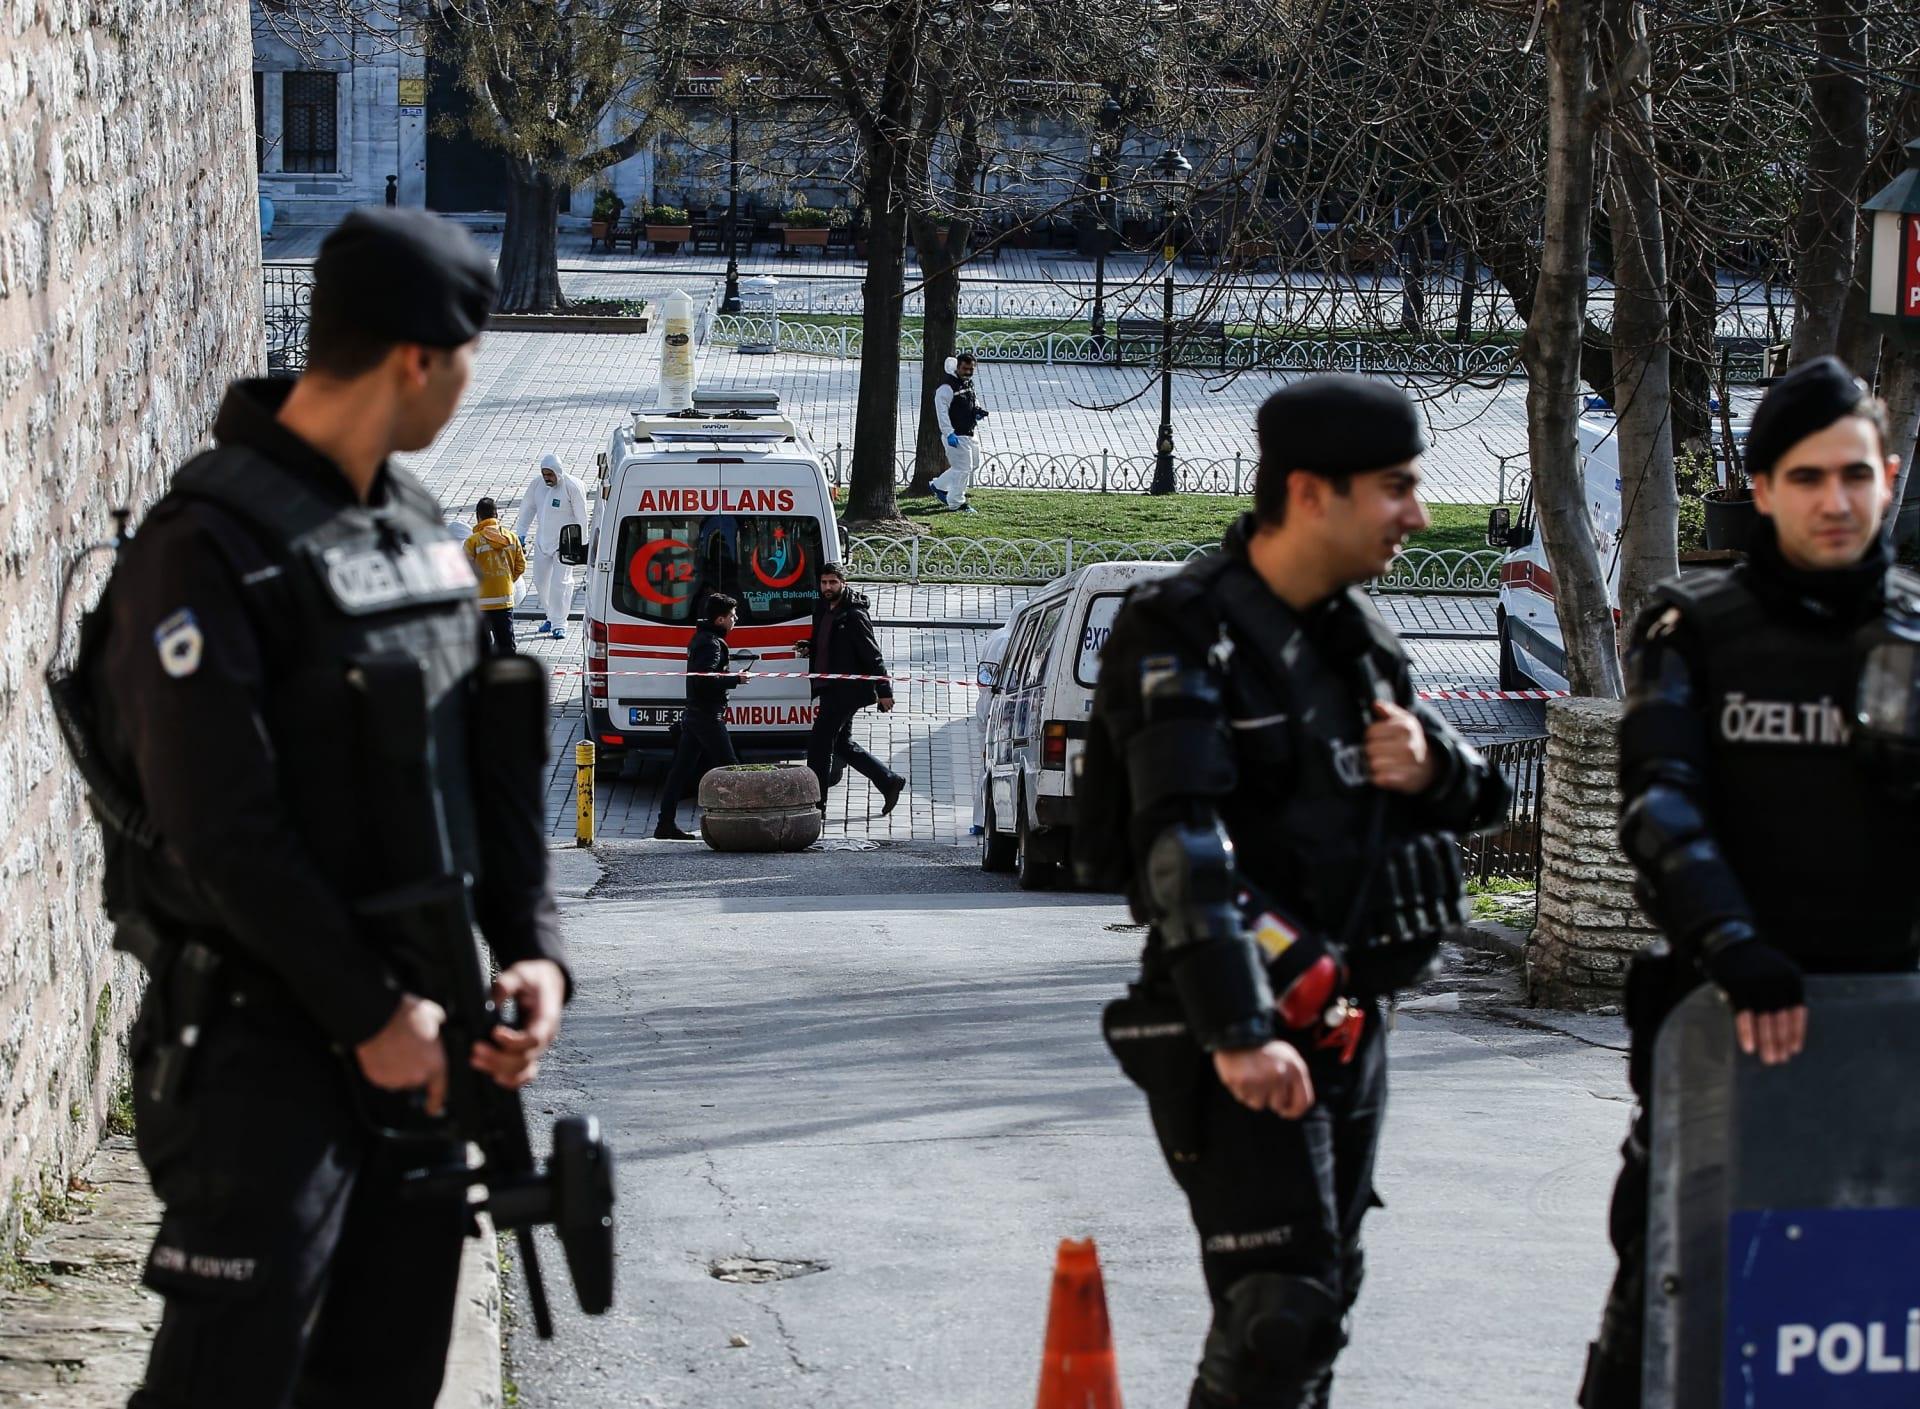 روسيا: احتجزت السلطات التركية 3 روسيين للاشتباه في انتمائهم لداعش